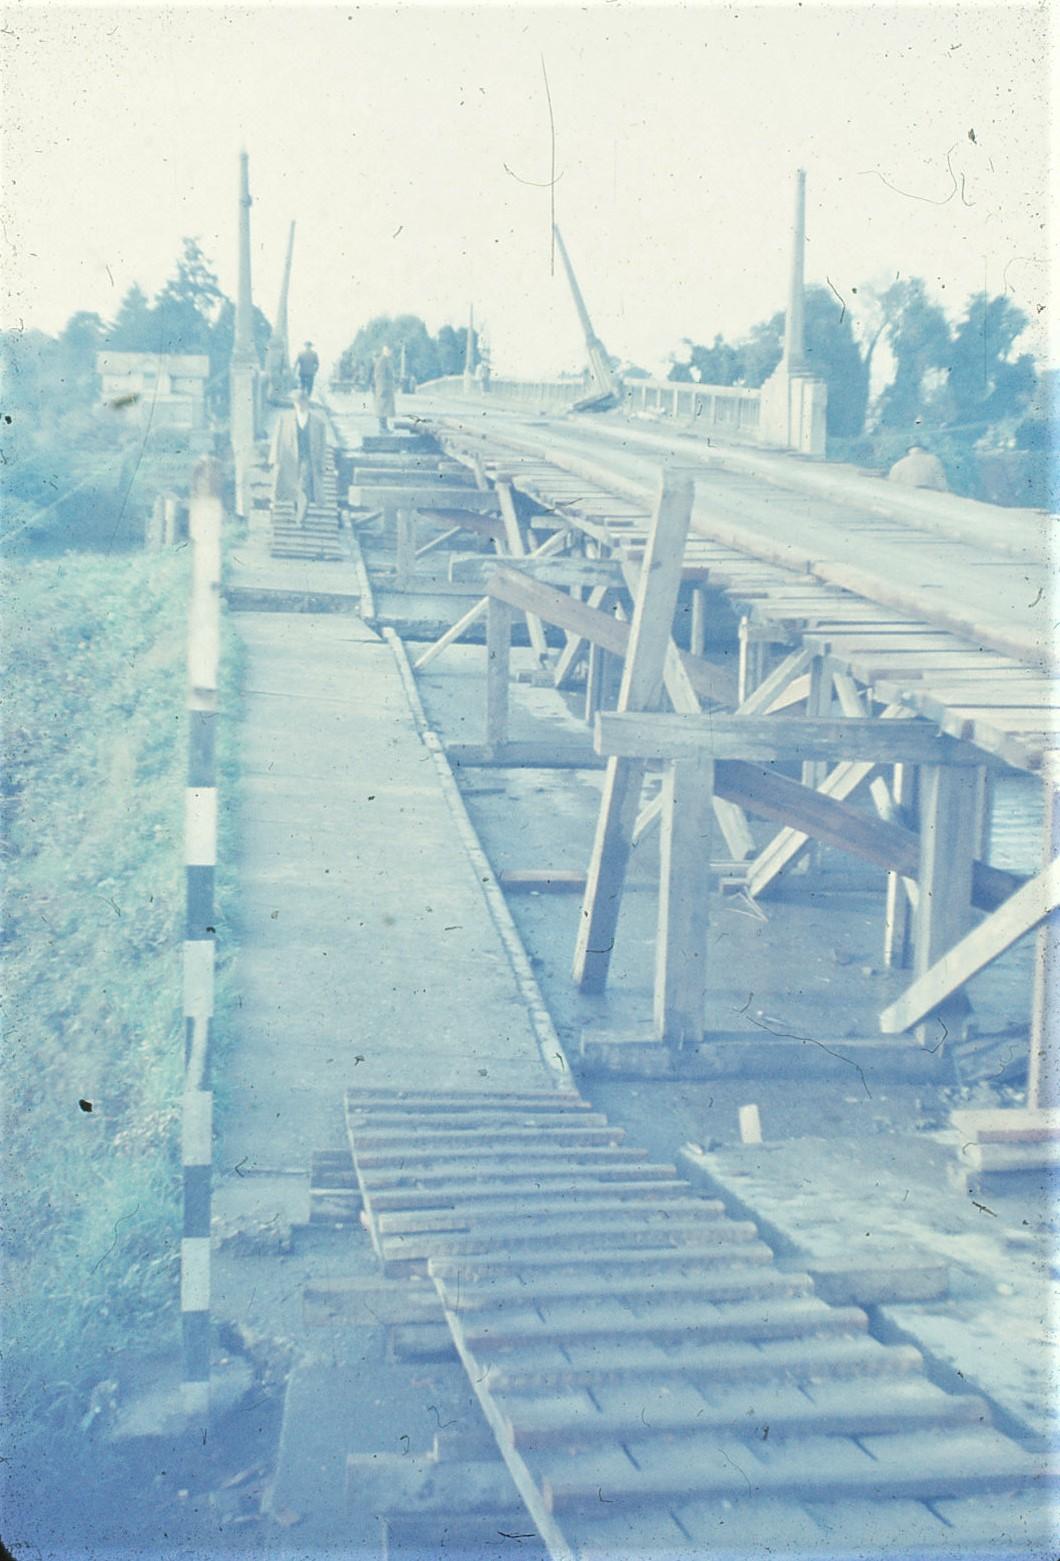 Enterreno - Fotos históricas de chile - fotos antiguas de Chile - Post Terremoto Valdivia, 1960